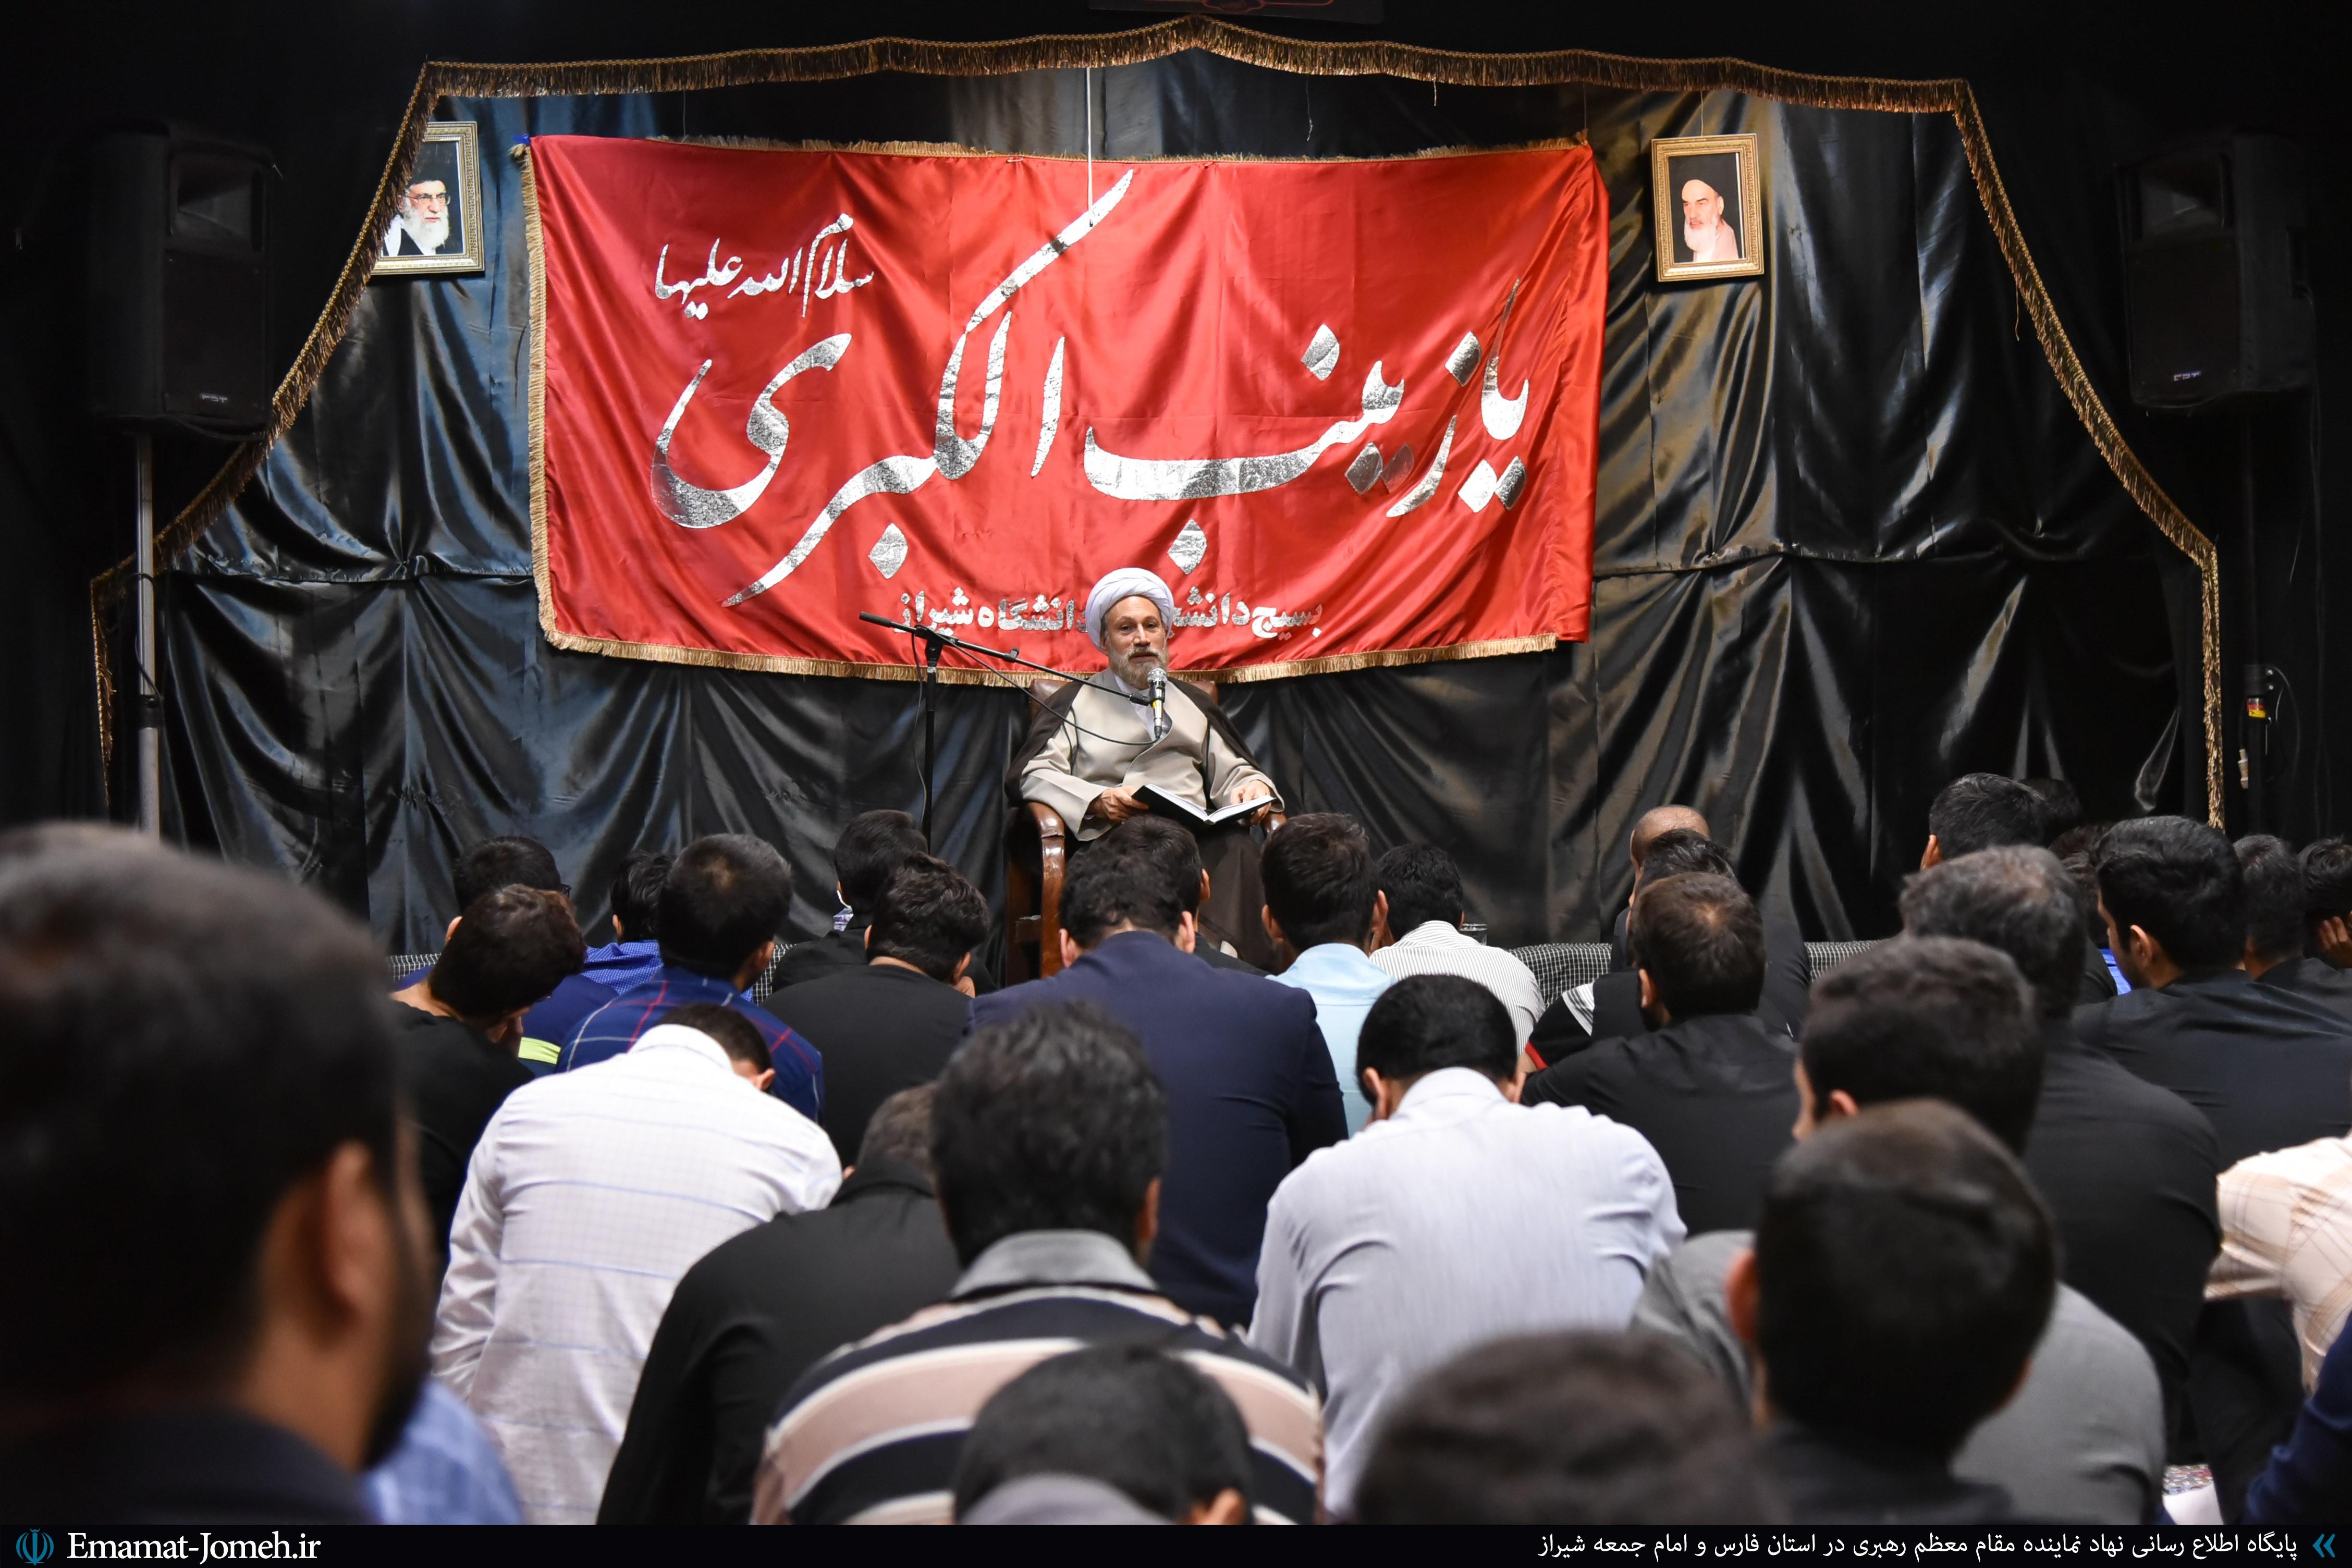 حضور و سخنرانی آیت الله دژکام در مراسم بدرقه دانشجویان زائر اربعین حسینی – دانشگاه شیراز